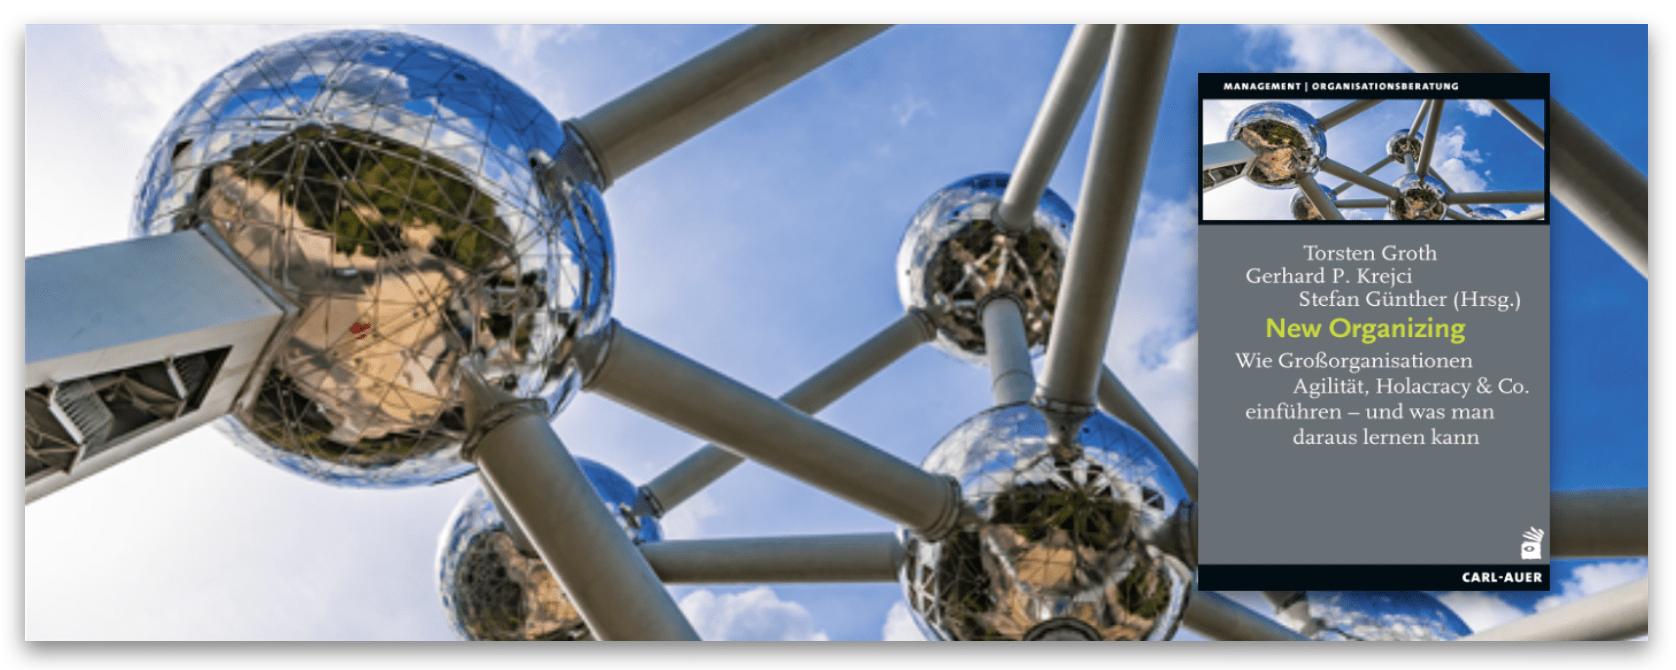 """Das Projekt """"New Organizing"""": Hintergründe"""